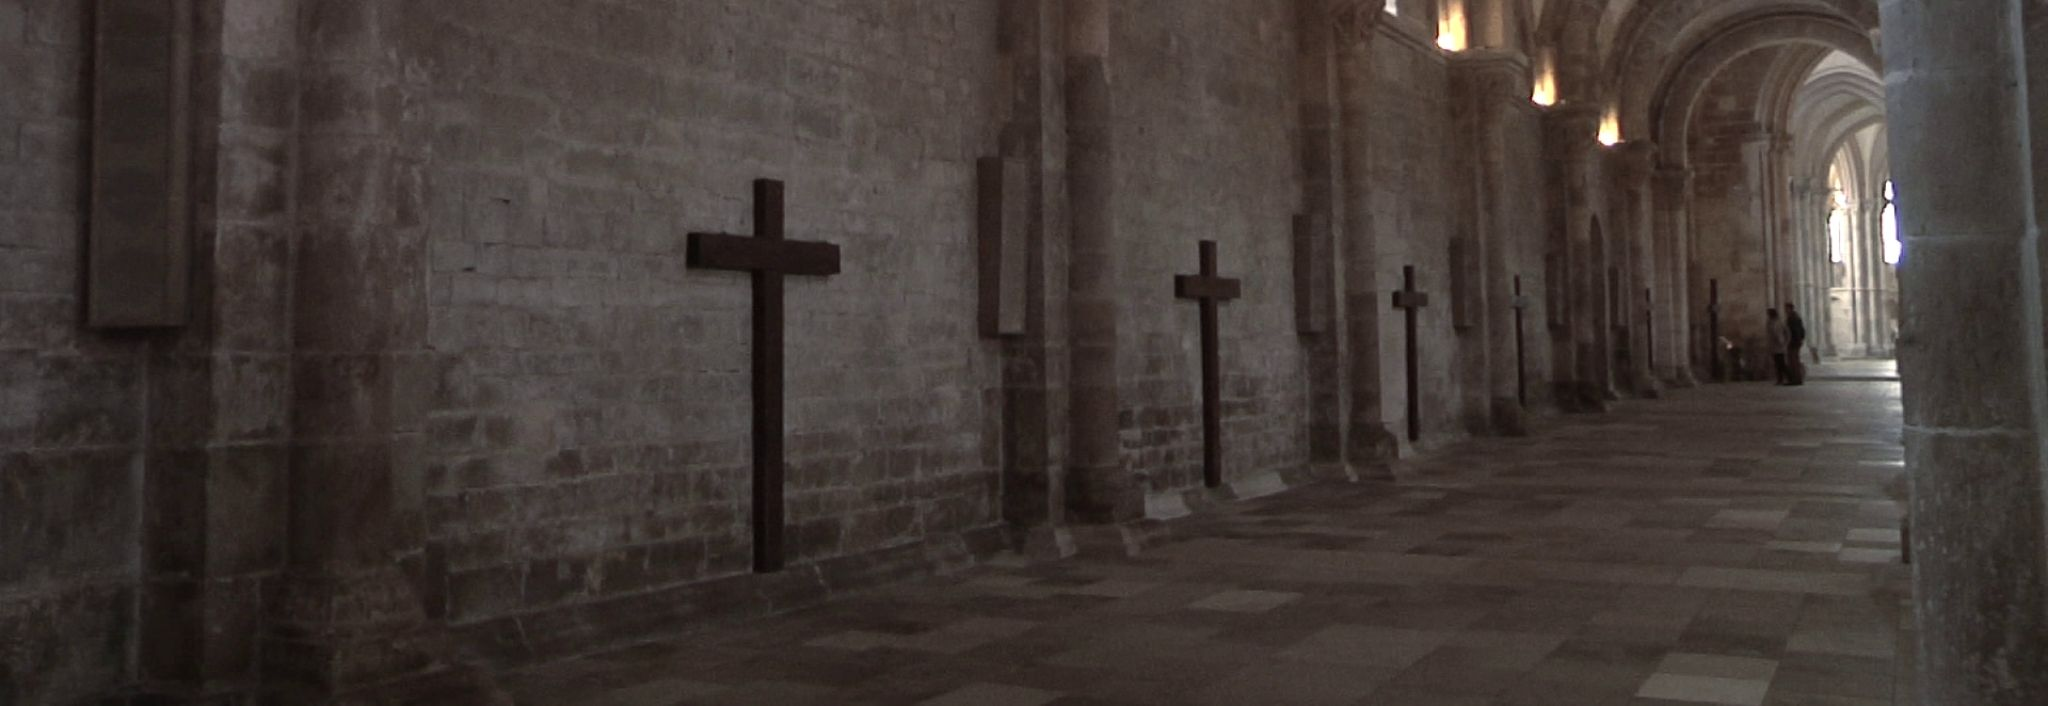 Kríž či meč?